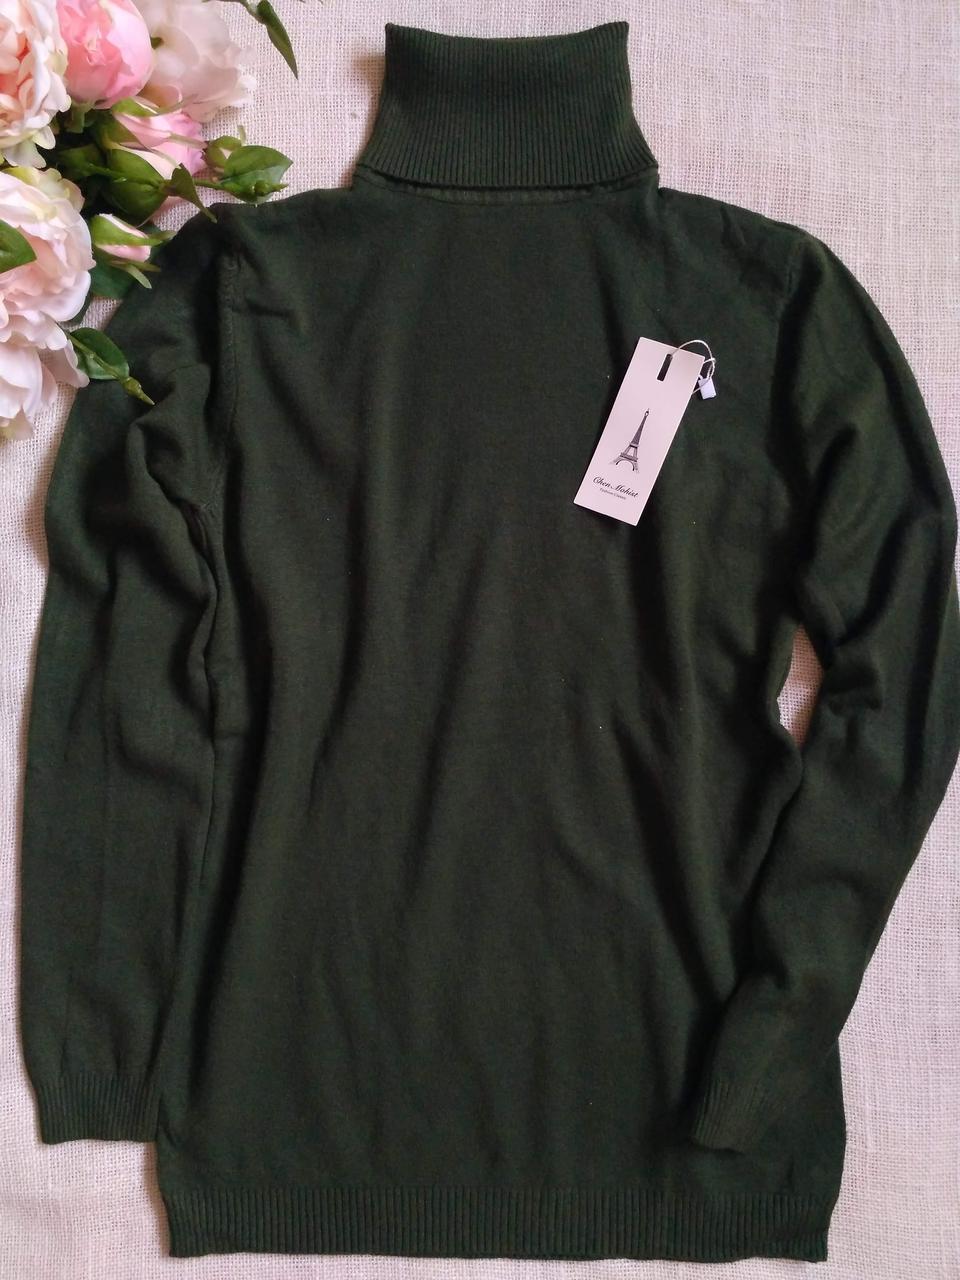 Зеленый гольф женский шерстяной с высоким горлом и манжетами S \ XL 40 42 44 46 48 водолазка женская хаки